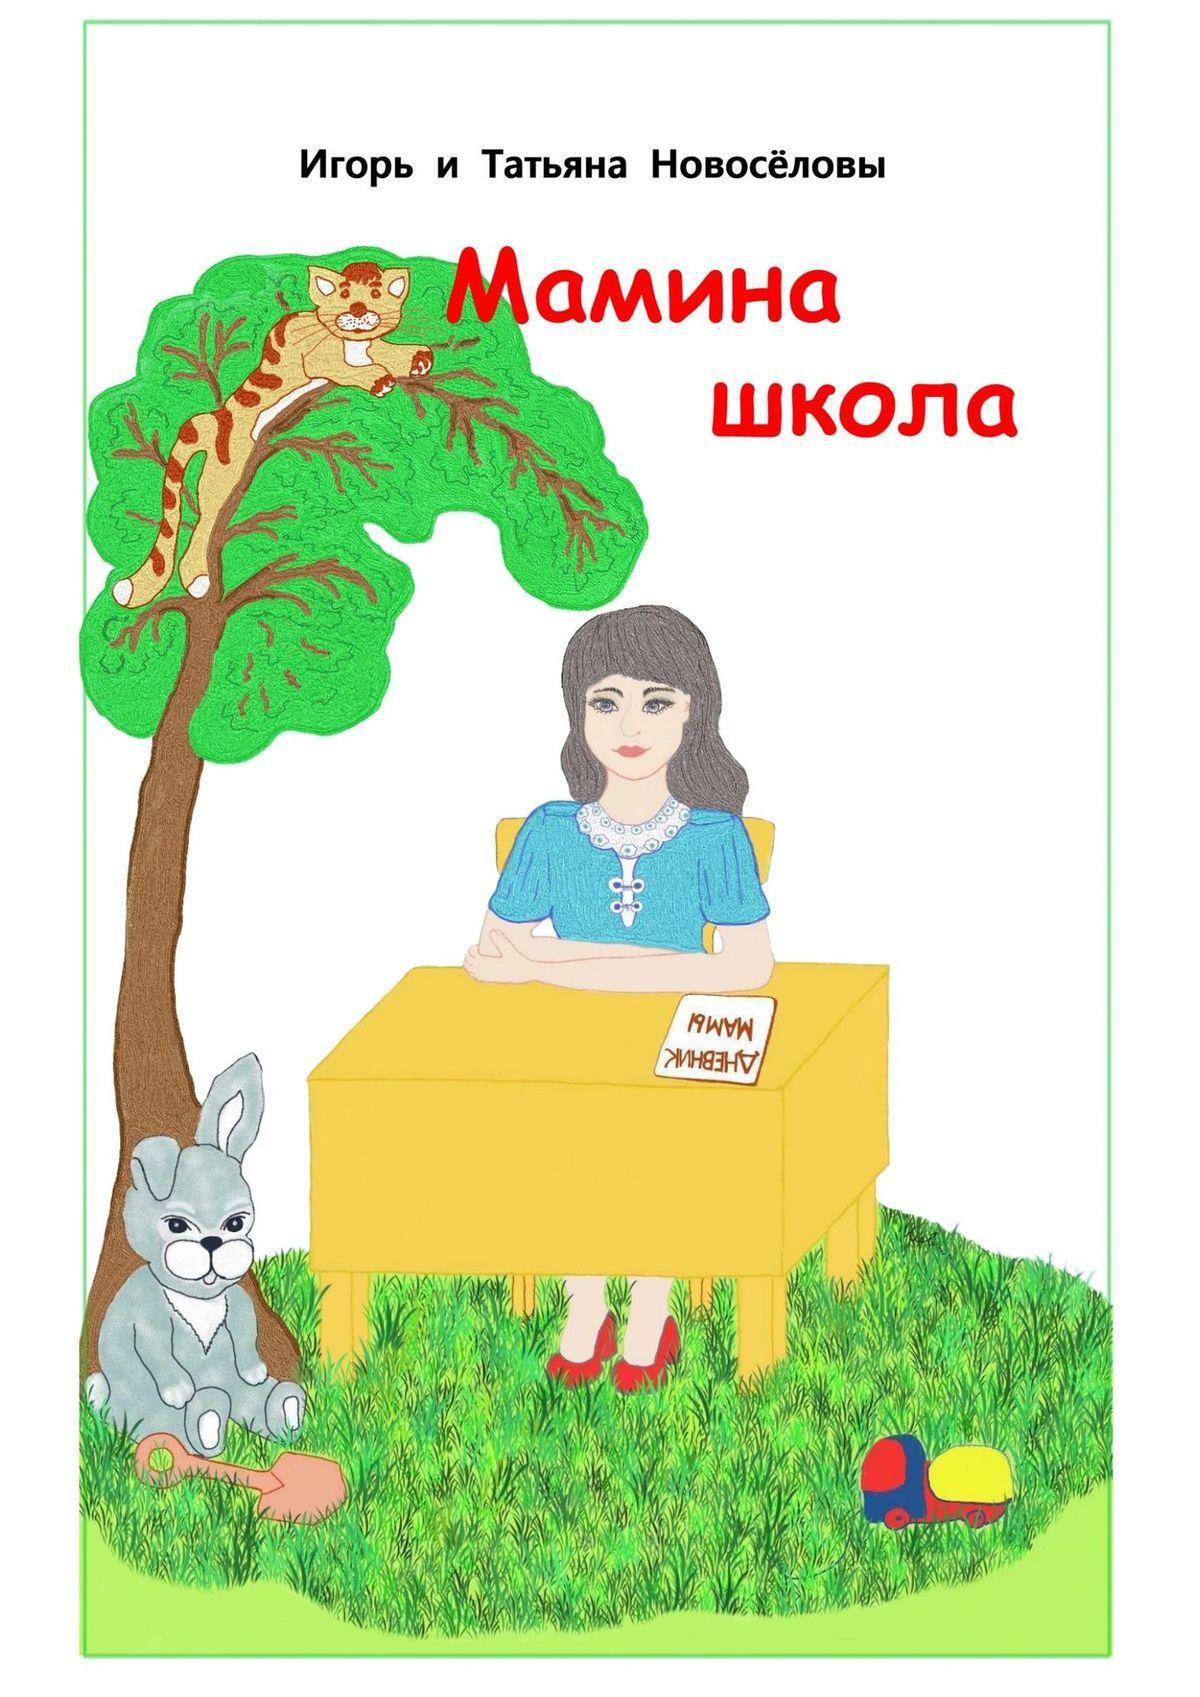 Мамина школа